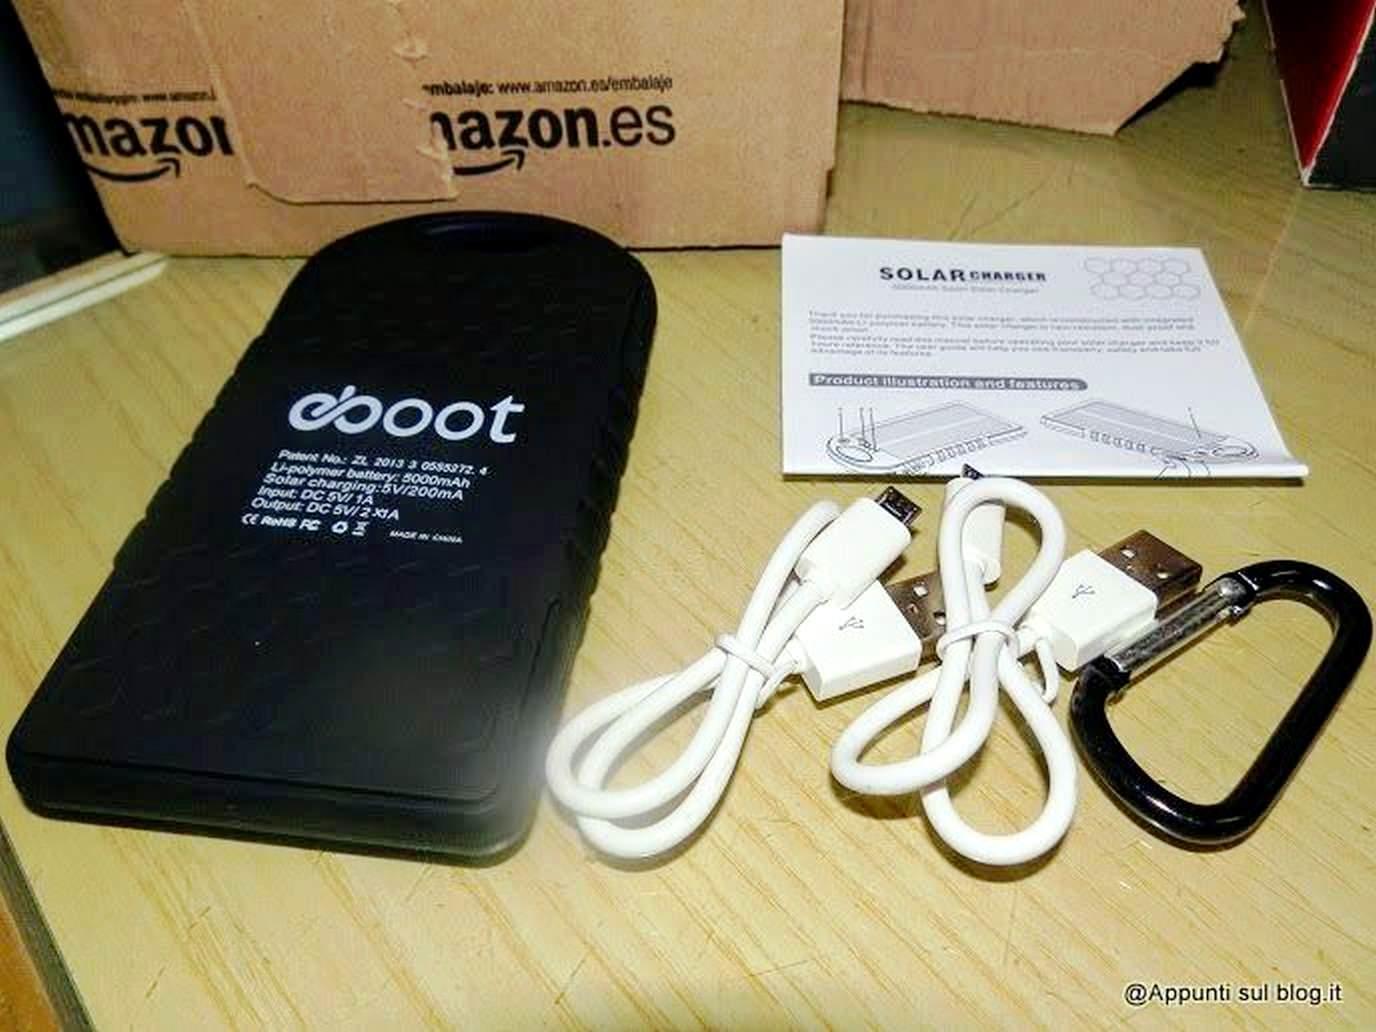 eBoot Tecnologia smart multifunzionale- eBoot 5000mAh Caricabatteria Pannello Solare con 2 porte USB